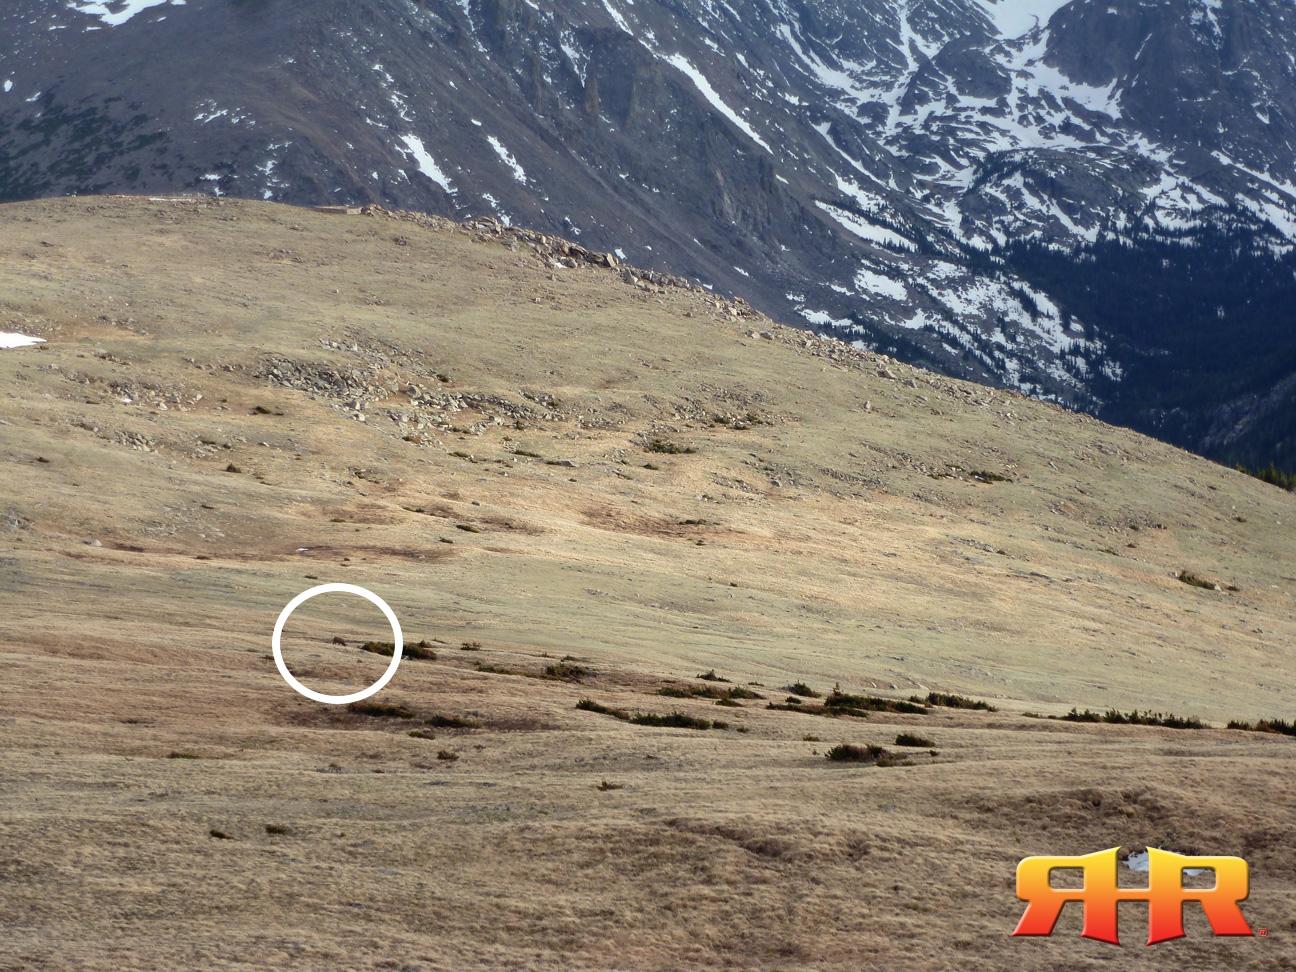 cow elk - pregnant - alpine 2012 - wide rhr 1